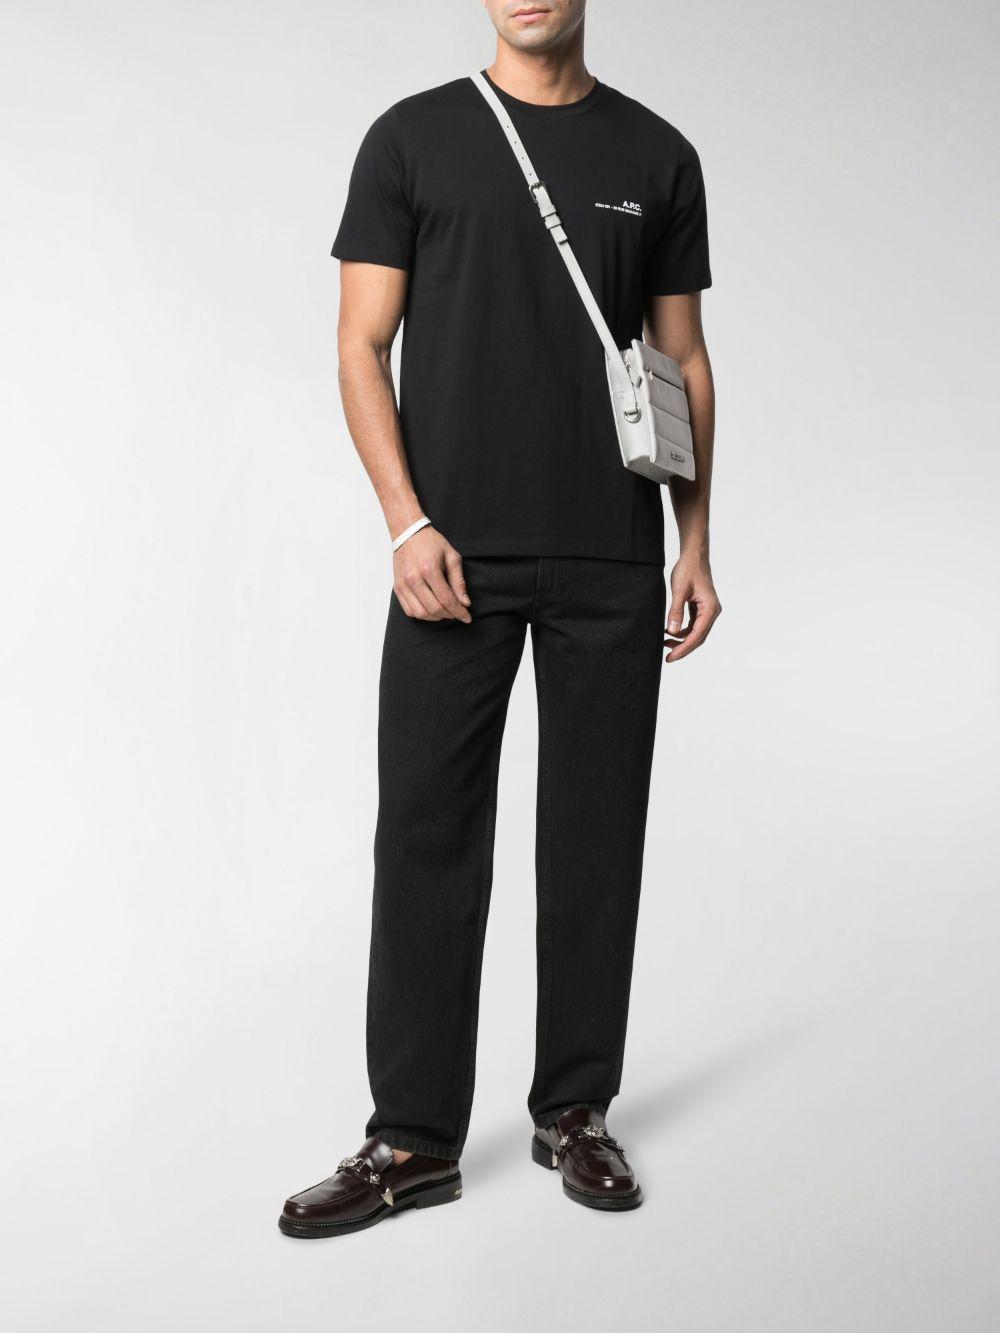 T-shirt con logo Uomo Nera in Cotone A.P.C.   T-shirt   COEOP-H26904LZZ